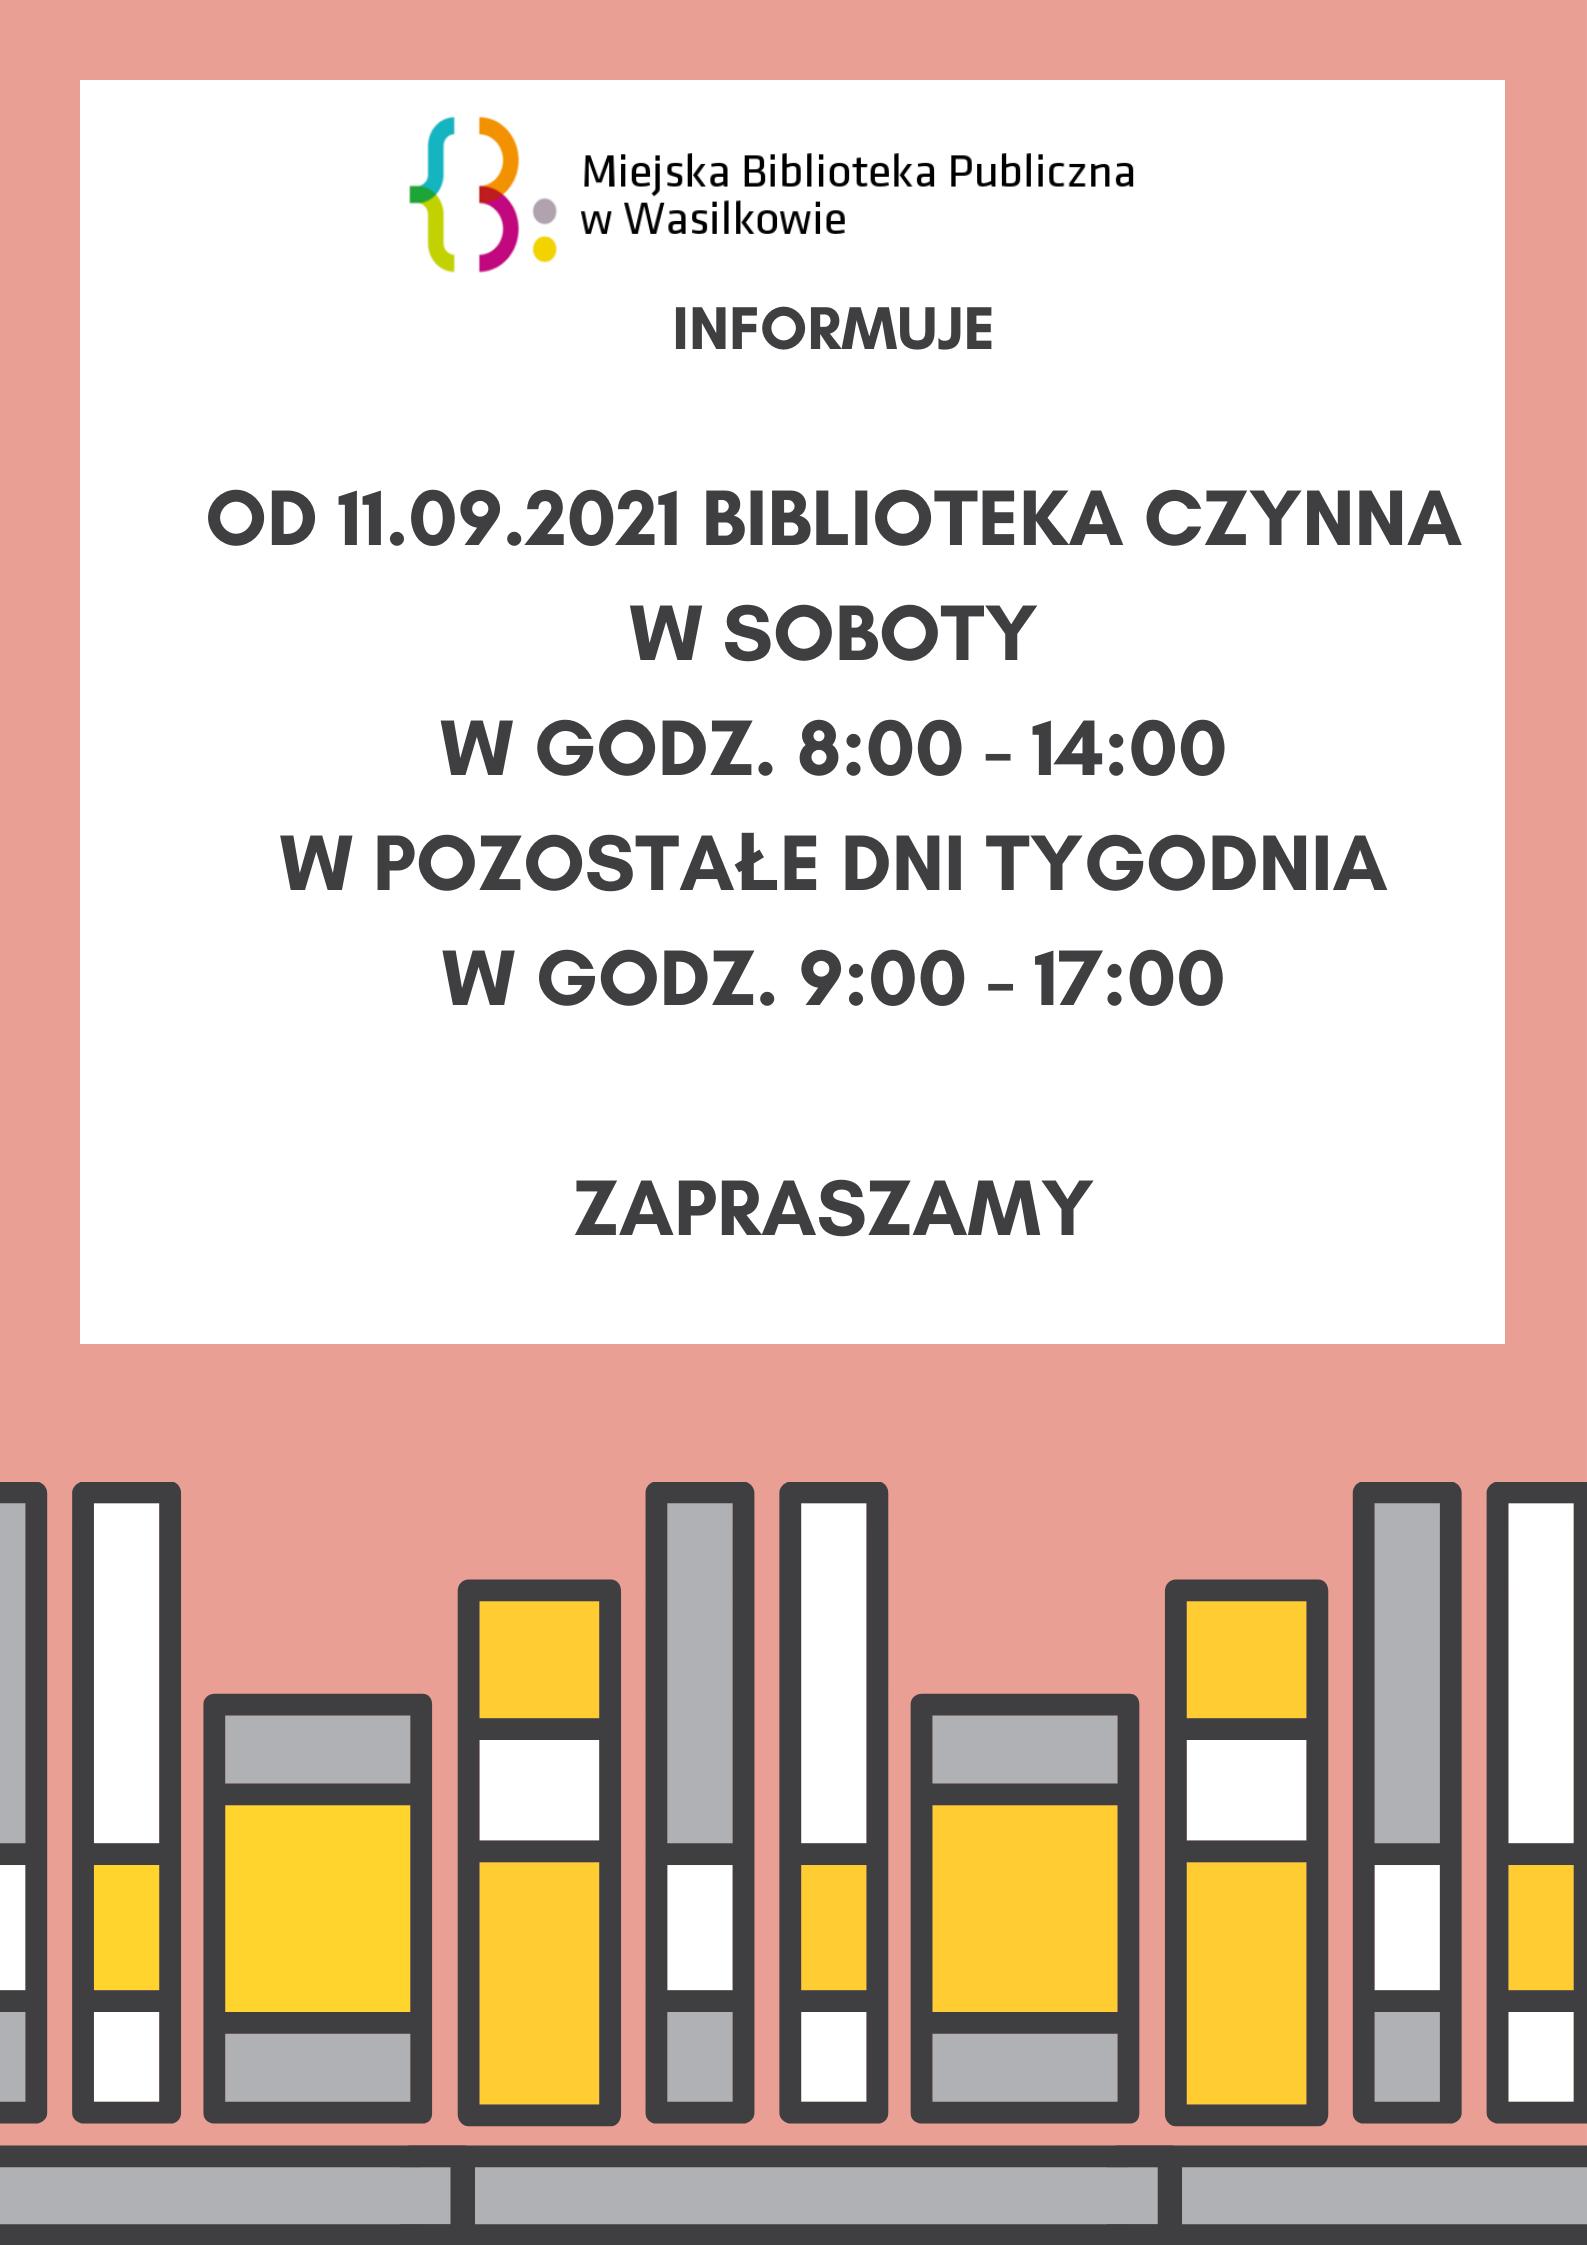 Plakat onformujący o otwarciu biblioteki w soboty od 11 września w godzinach od 8:00 do 14:00